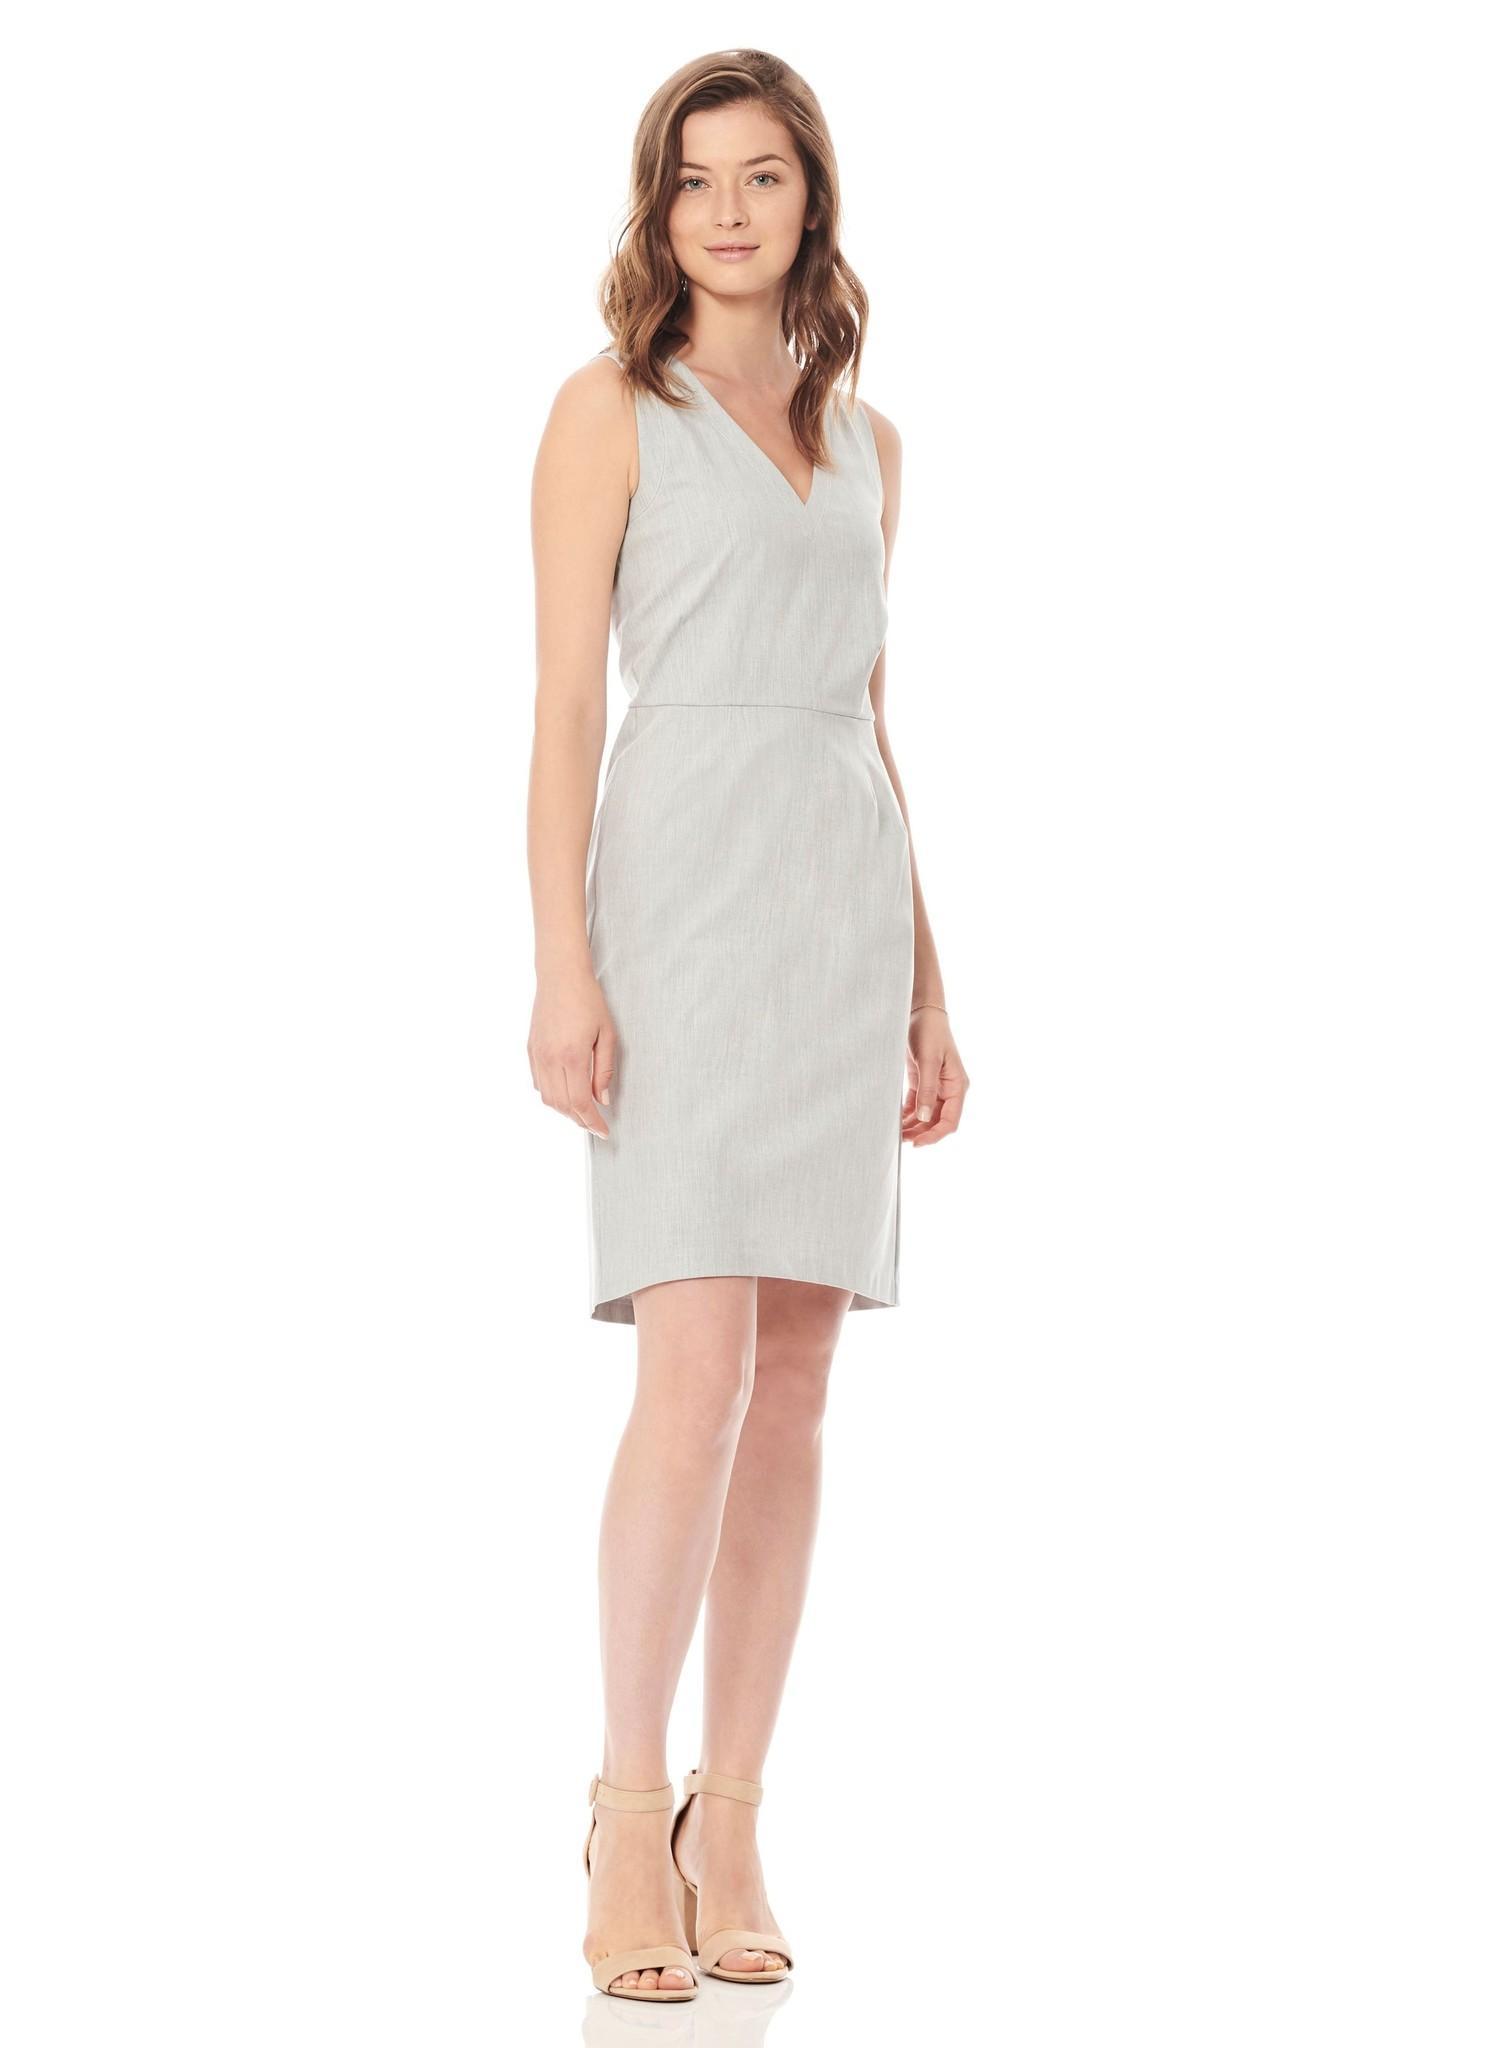 ECRU Contrast Stitch Dress